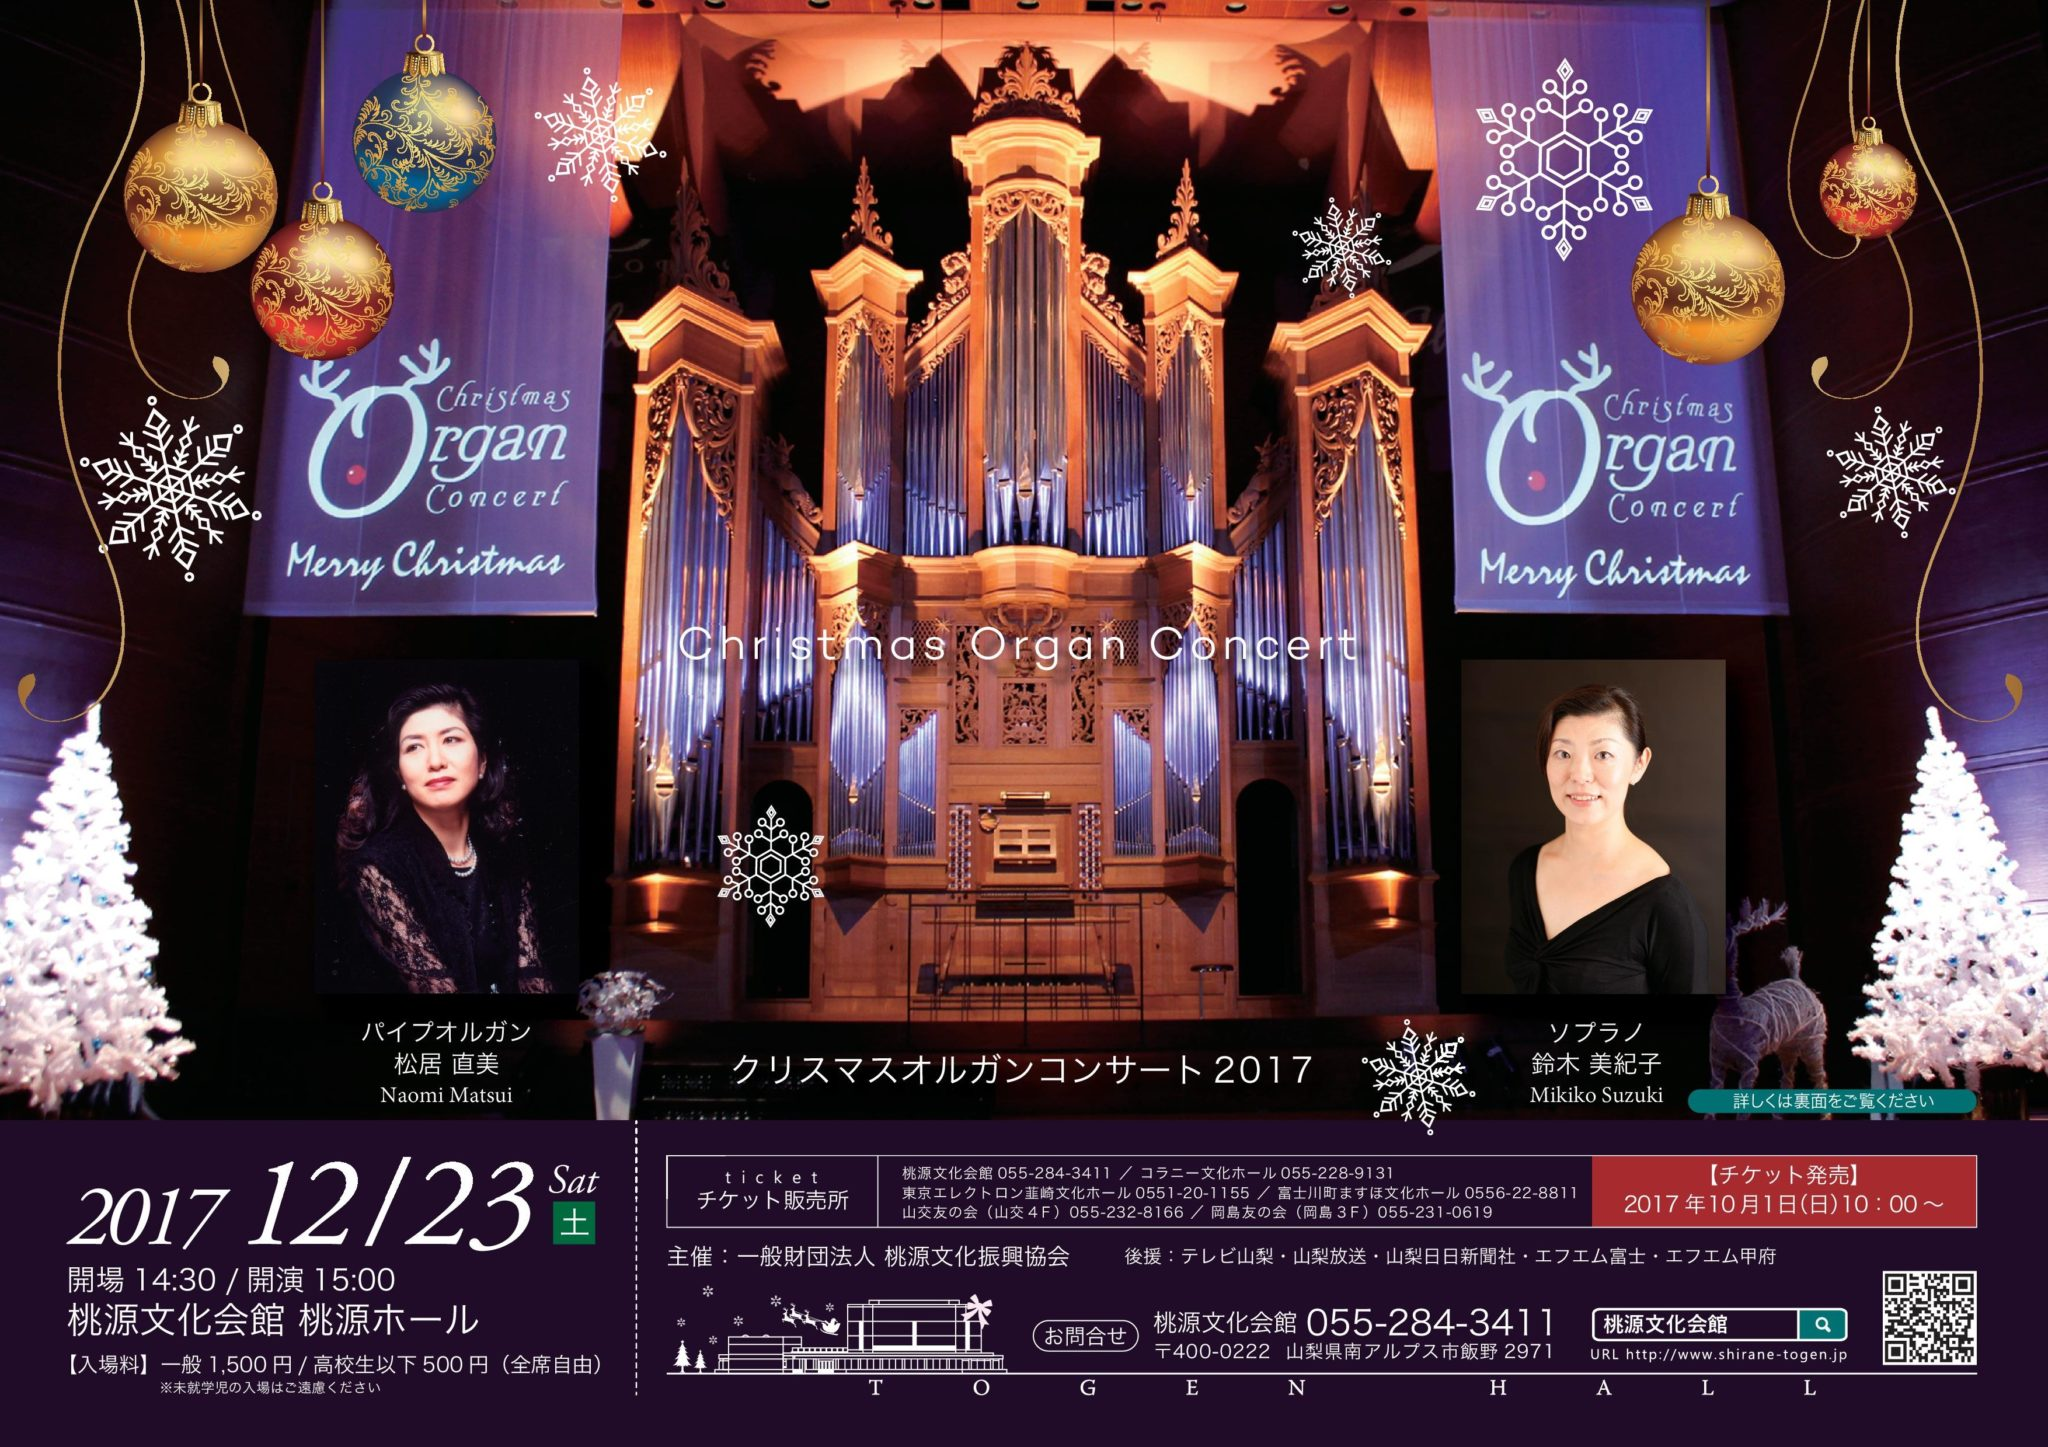 クリスマスオルガンコンサート2017